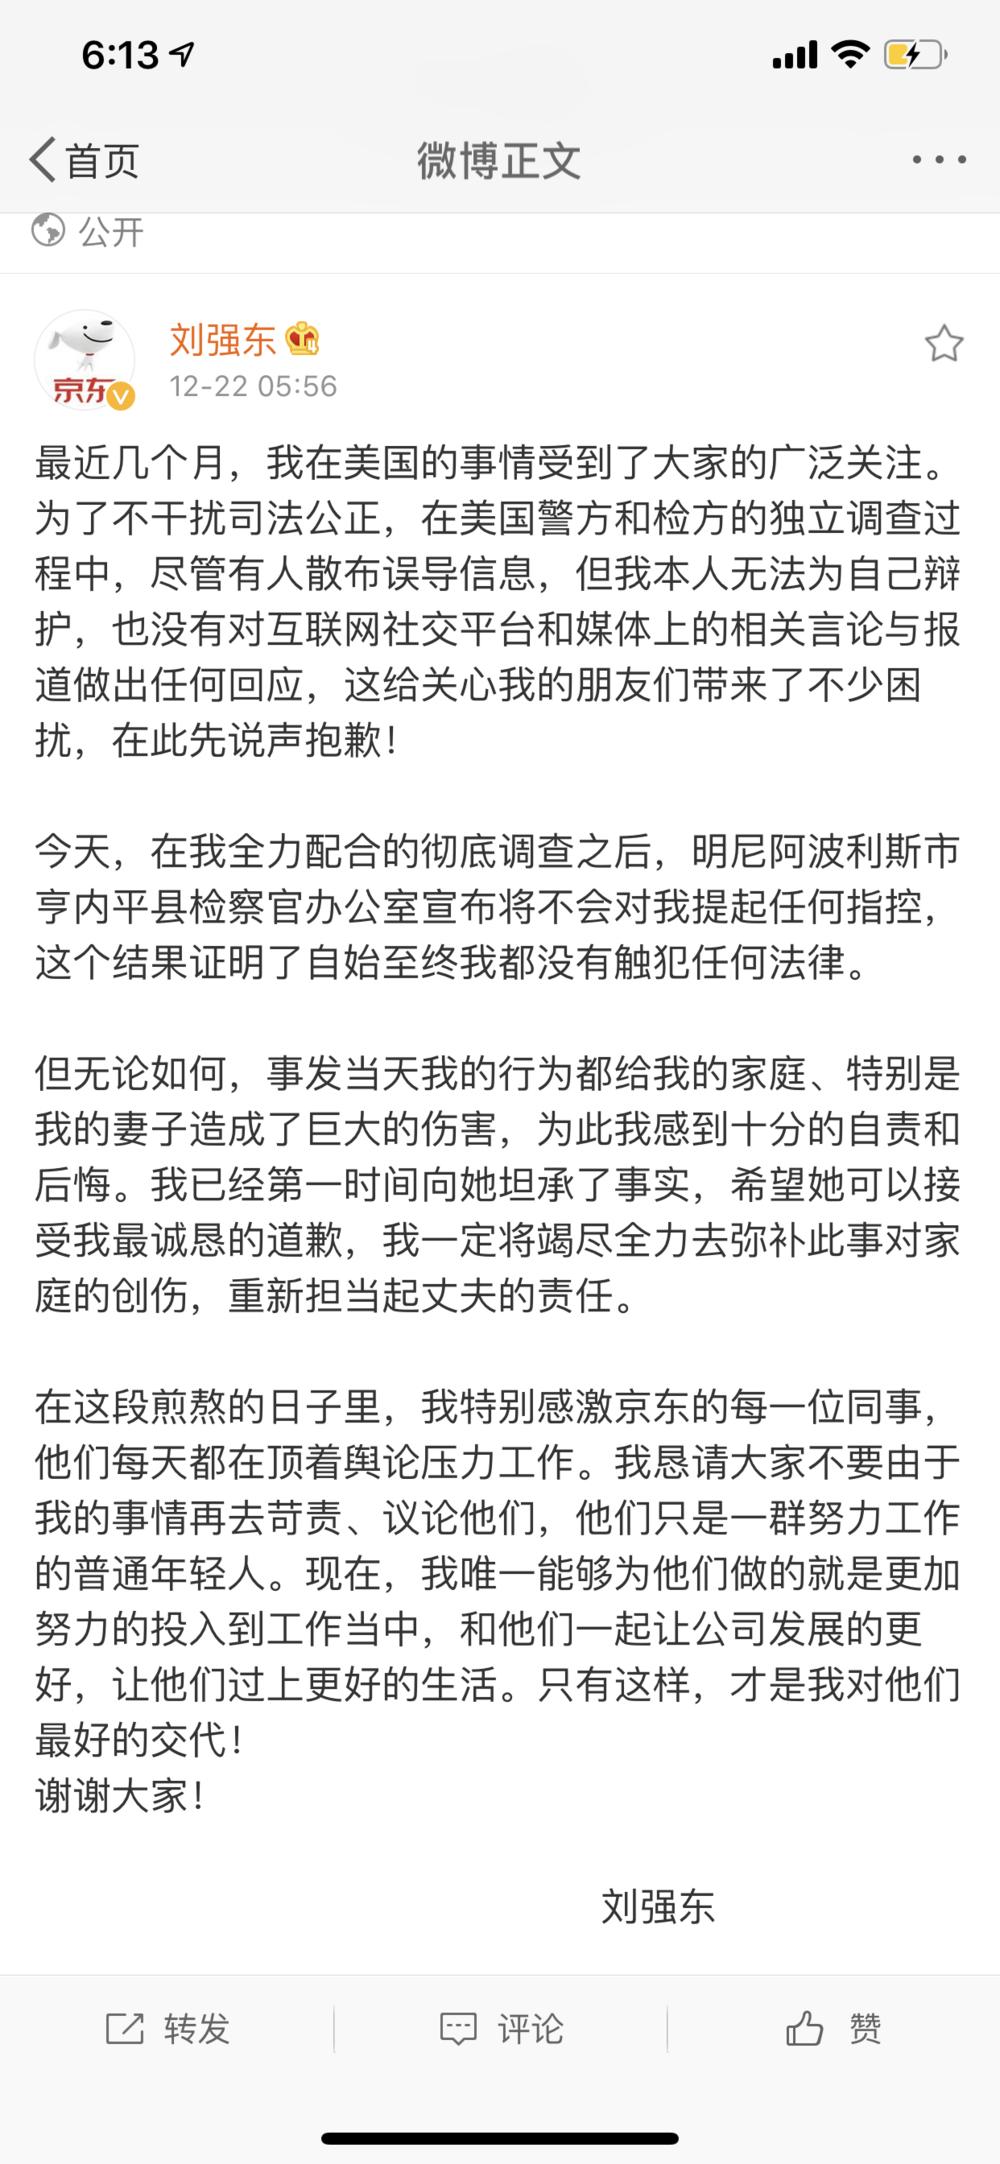 刘强东:虽睡,无罪,方知妻美的照片 - 3